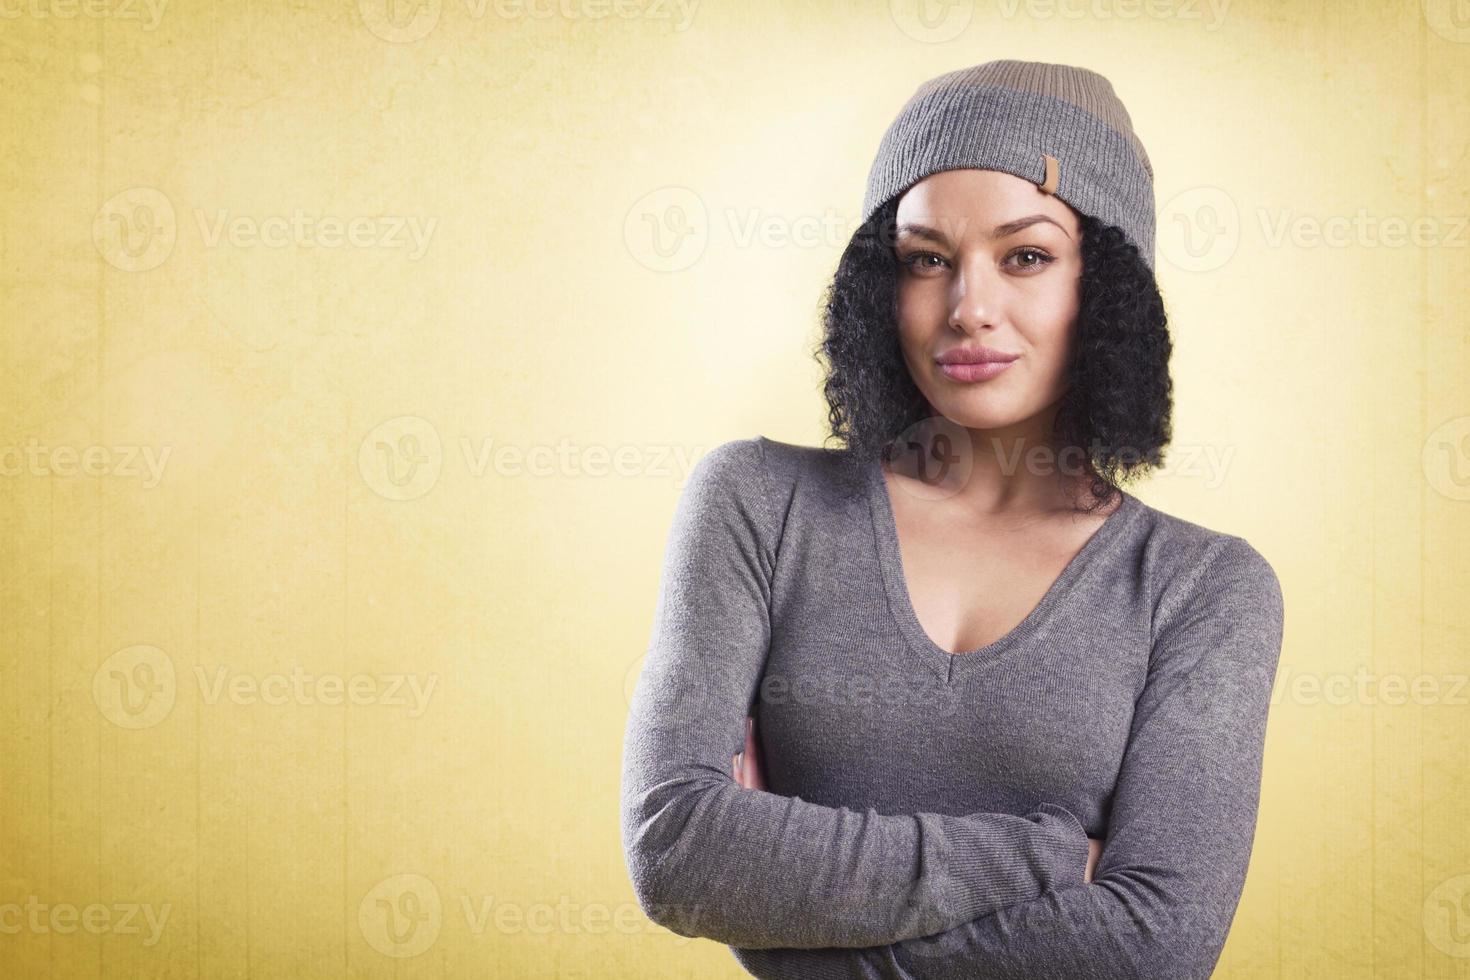 menina na moda com os braços cruzados, isolados no fundo amarelo. foto